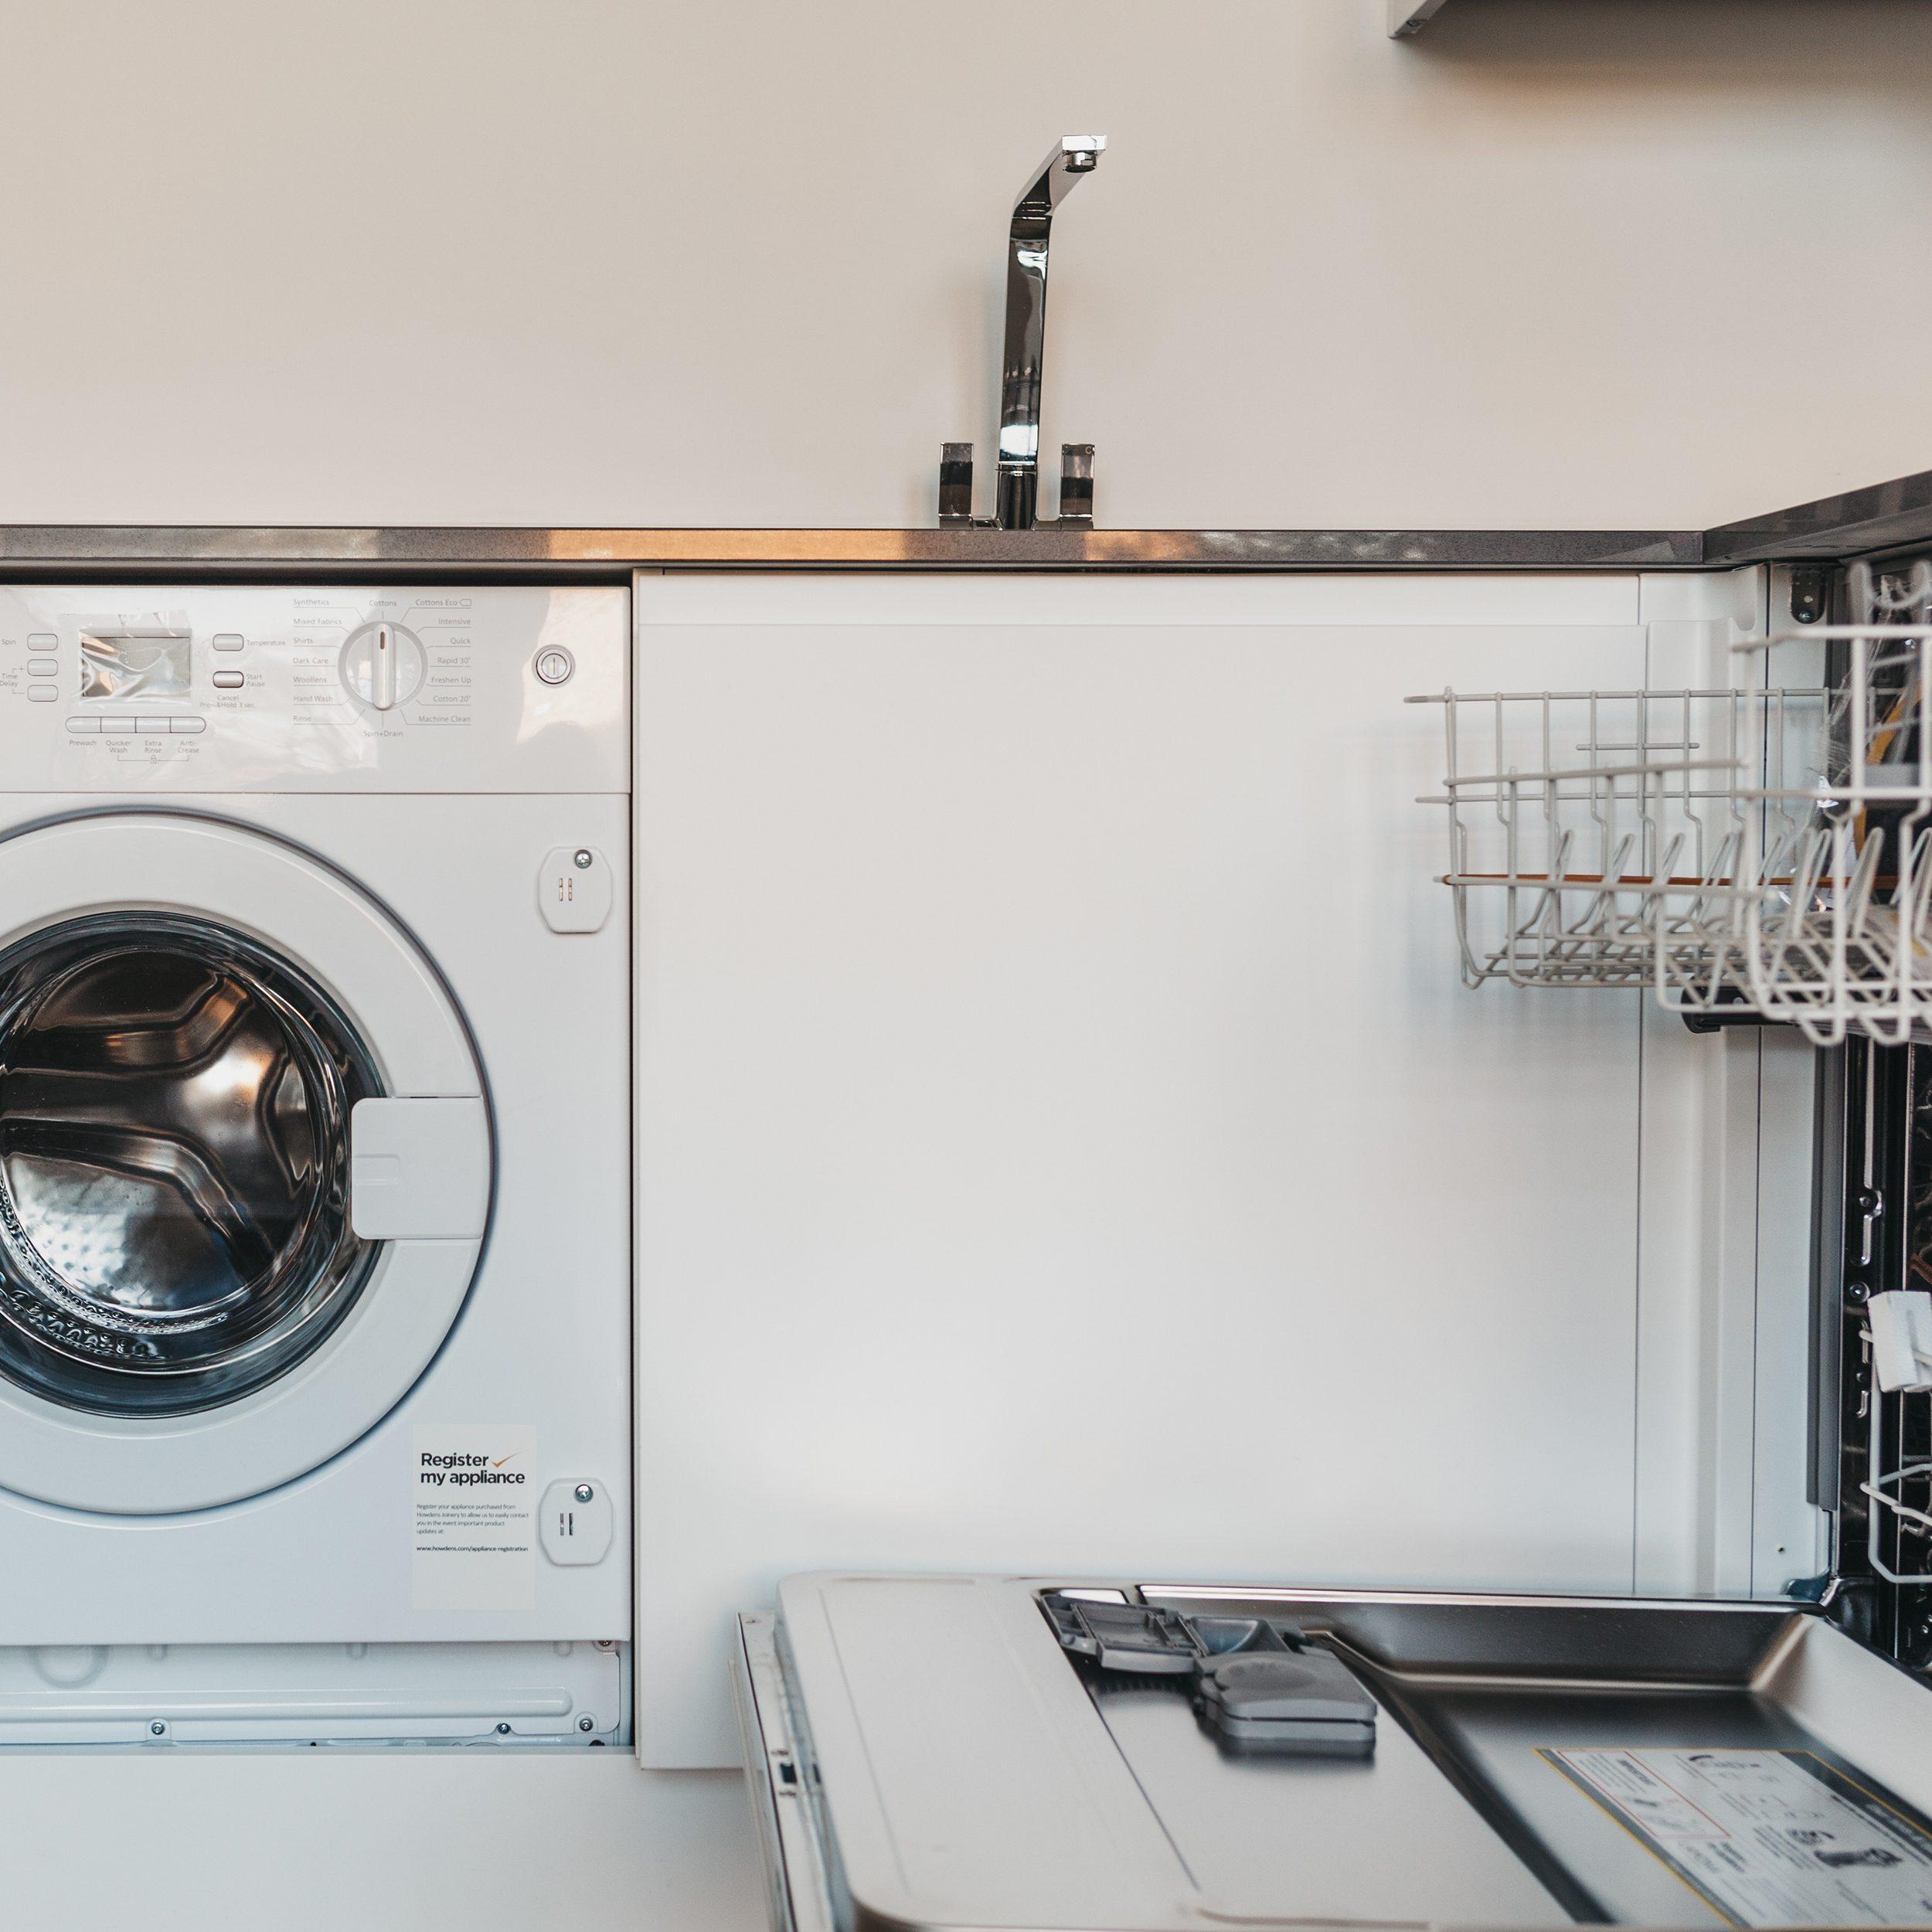 Utilities in a kitchen inside modern flat